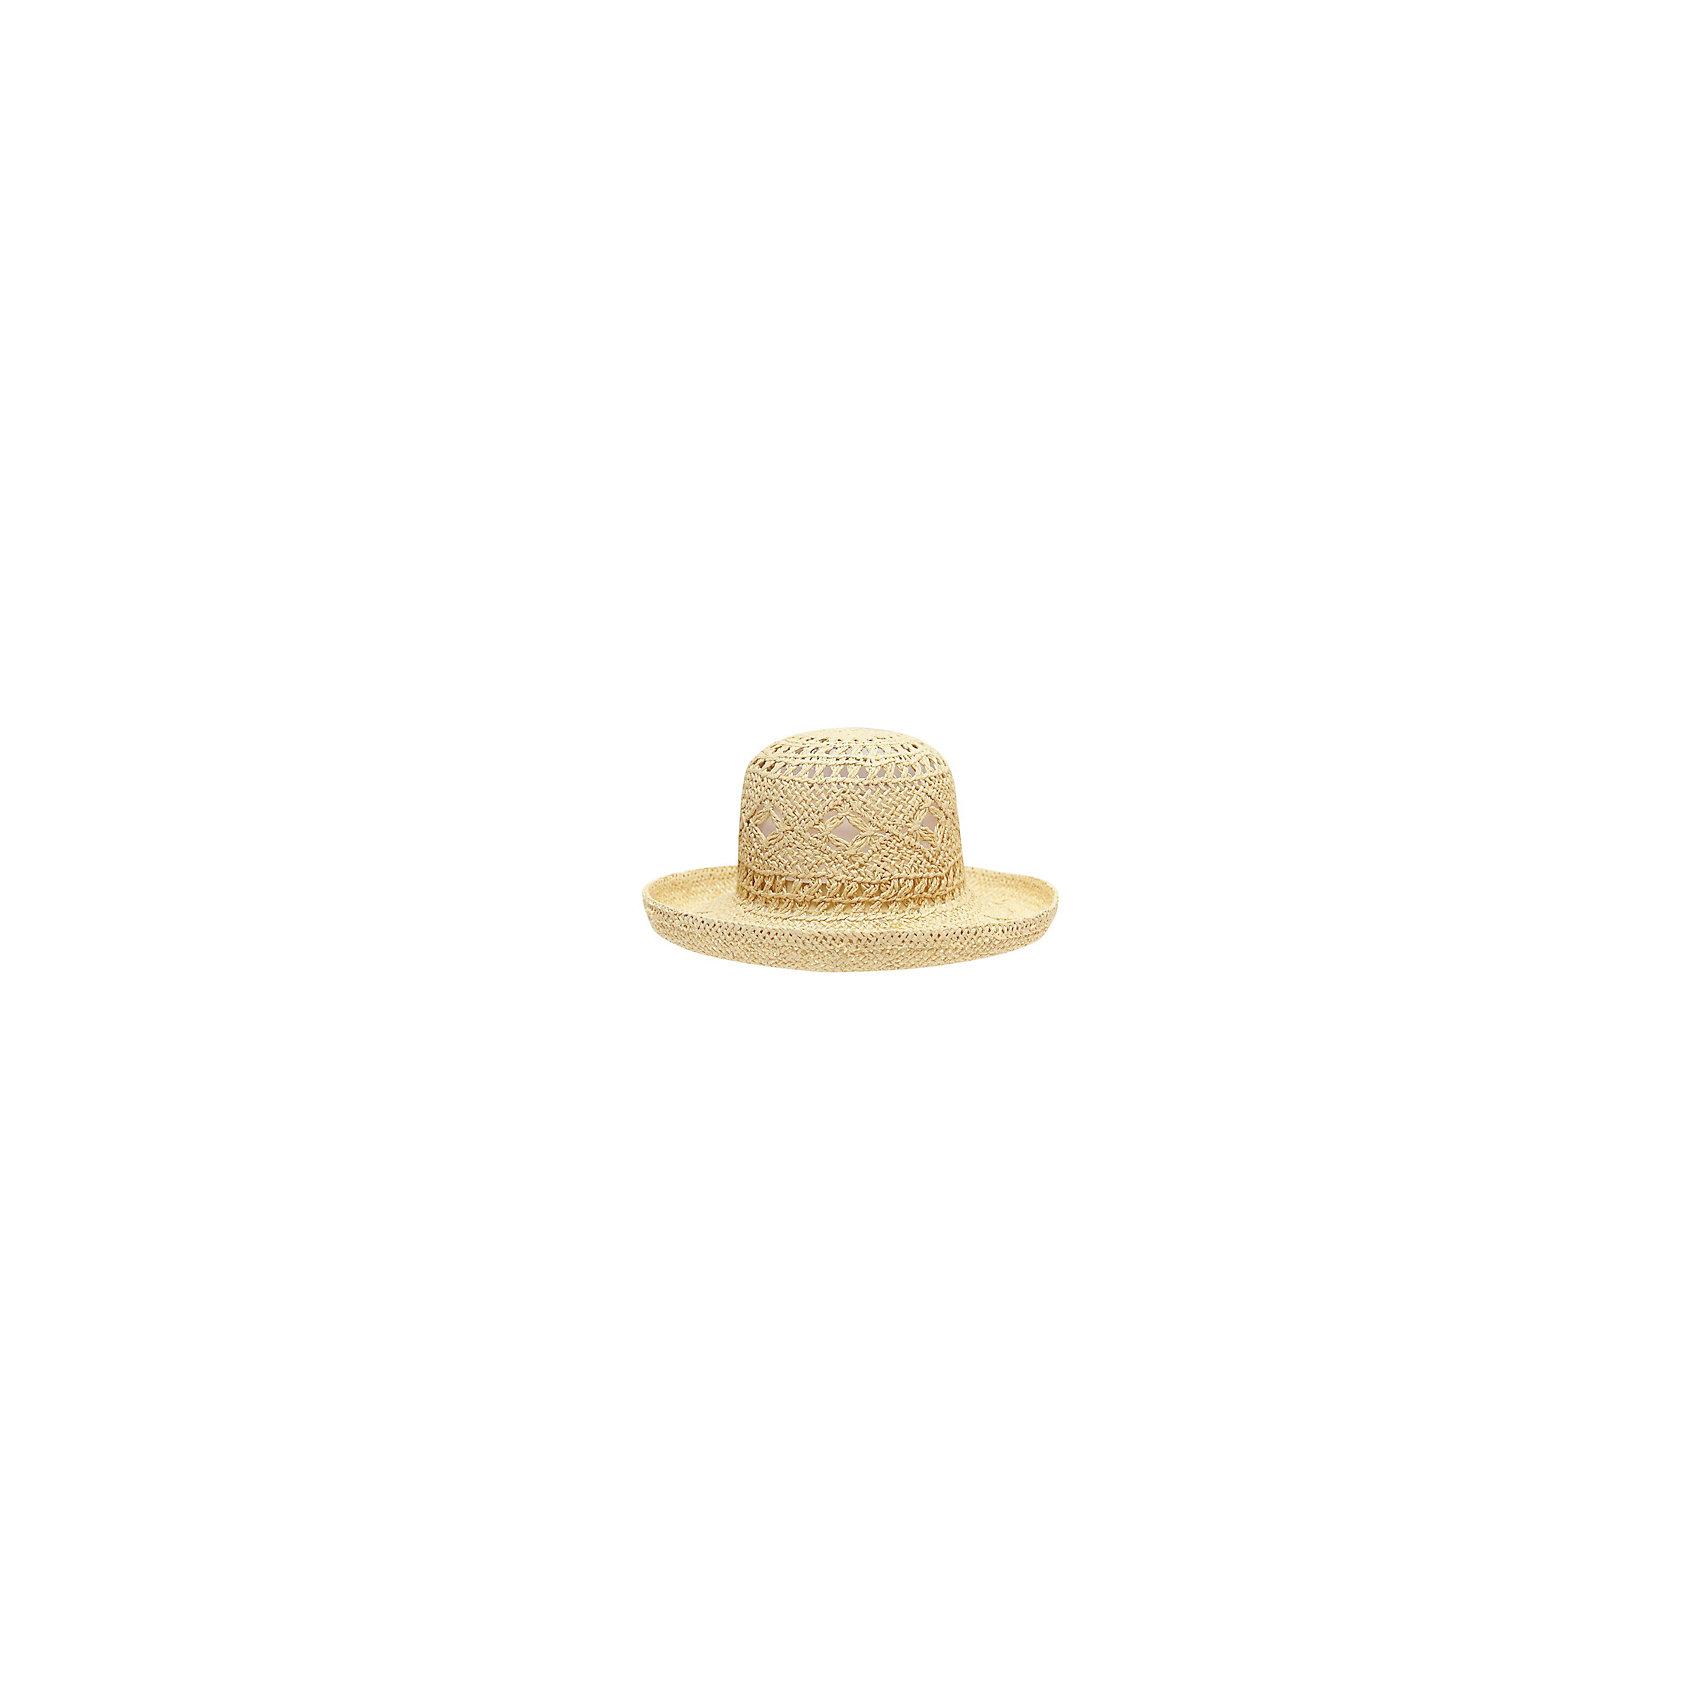 Шляпа для девочки PlayTodayШляпа для девочки от известного бренда PlayToday<br>Стильная соломенная шляпа надежно защитит от жаркого солнца и дополнит женственный образ.<br>Состав:<br>100% целлюлоза<br><br>Ширина мм: 89<br>Глубина мм: 117<br>Высота мм: 44<br>Вес г: 155<br>Цвет: желтый<br>Возраст от месяцев: 72<br>Возраст до месяцев: 84<br>Пол: Женский<br>Возраст: Детский<br>Размер: 54,50,52<br>SKU: 4789851